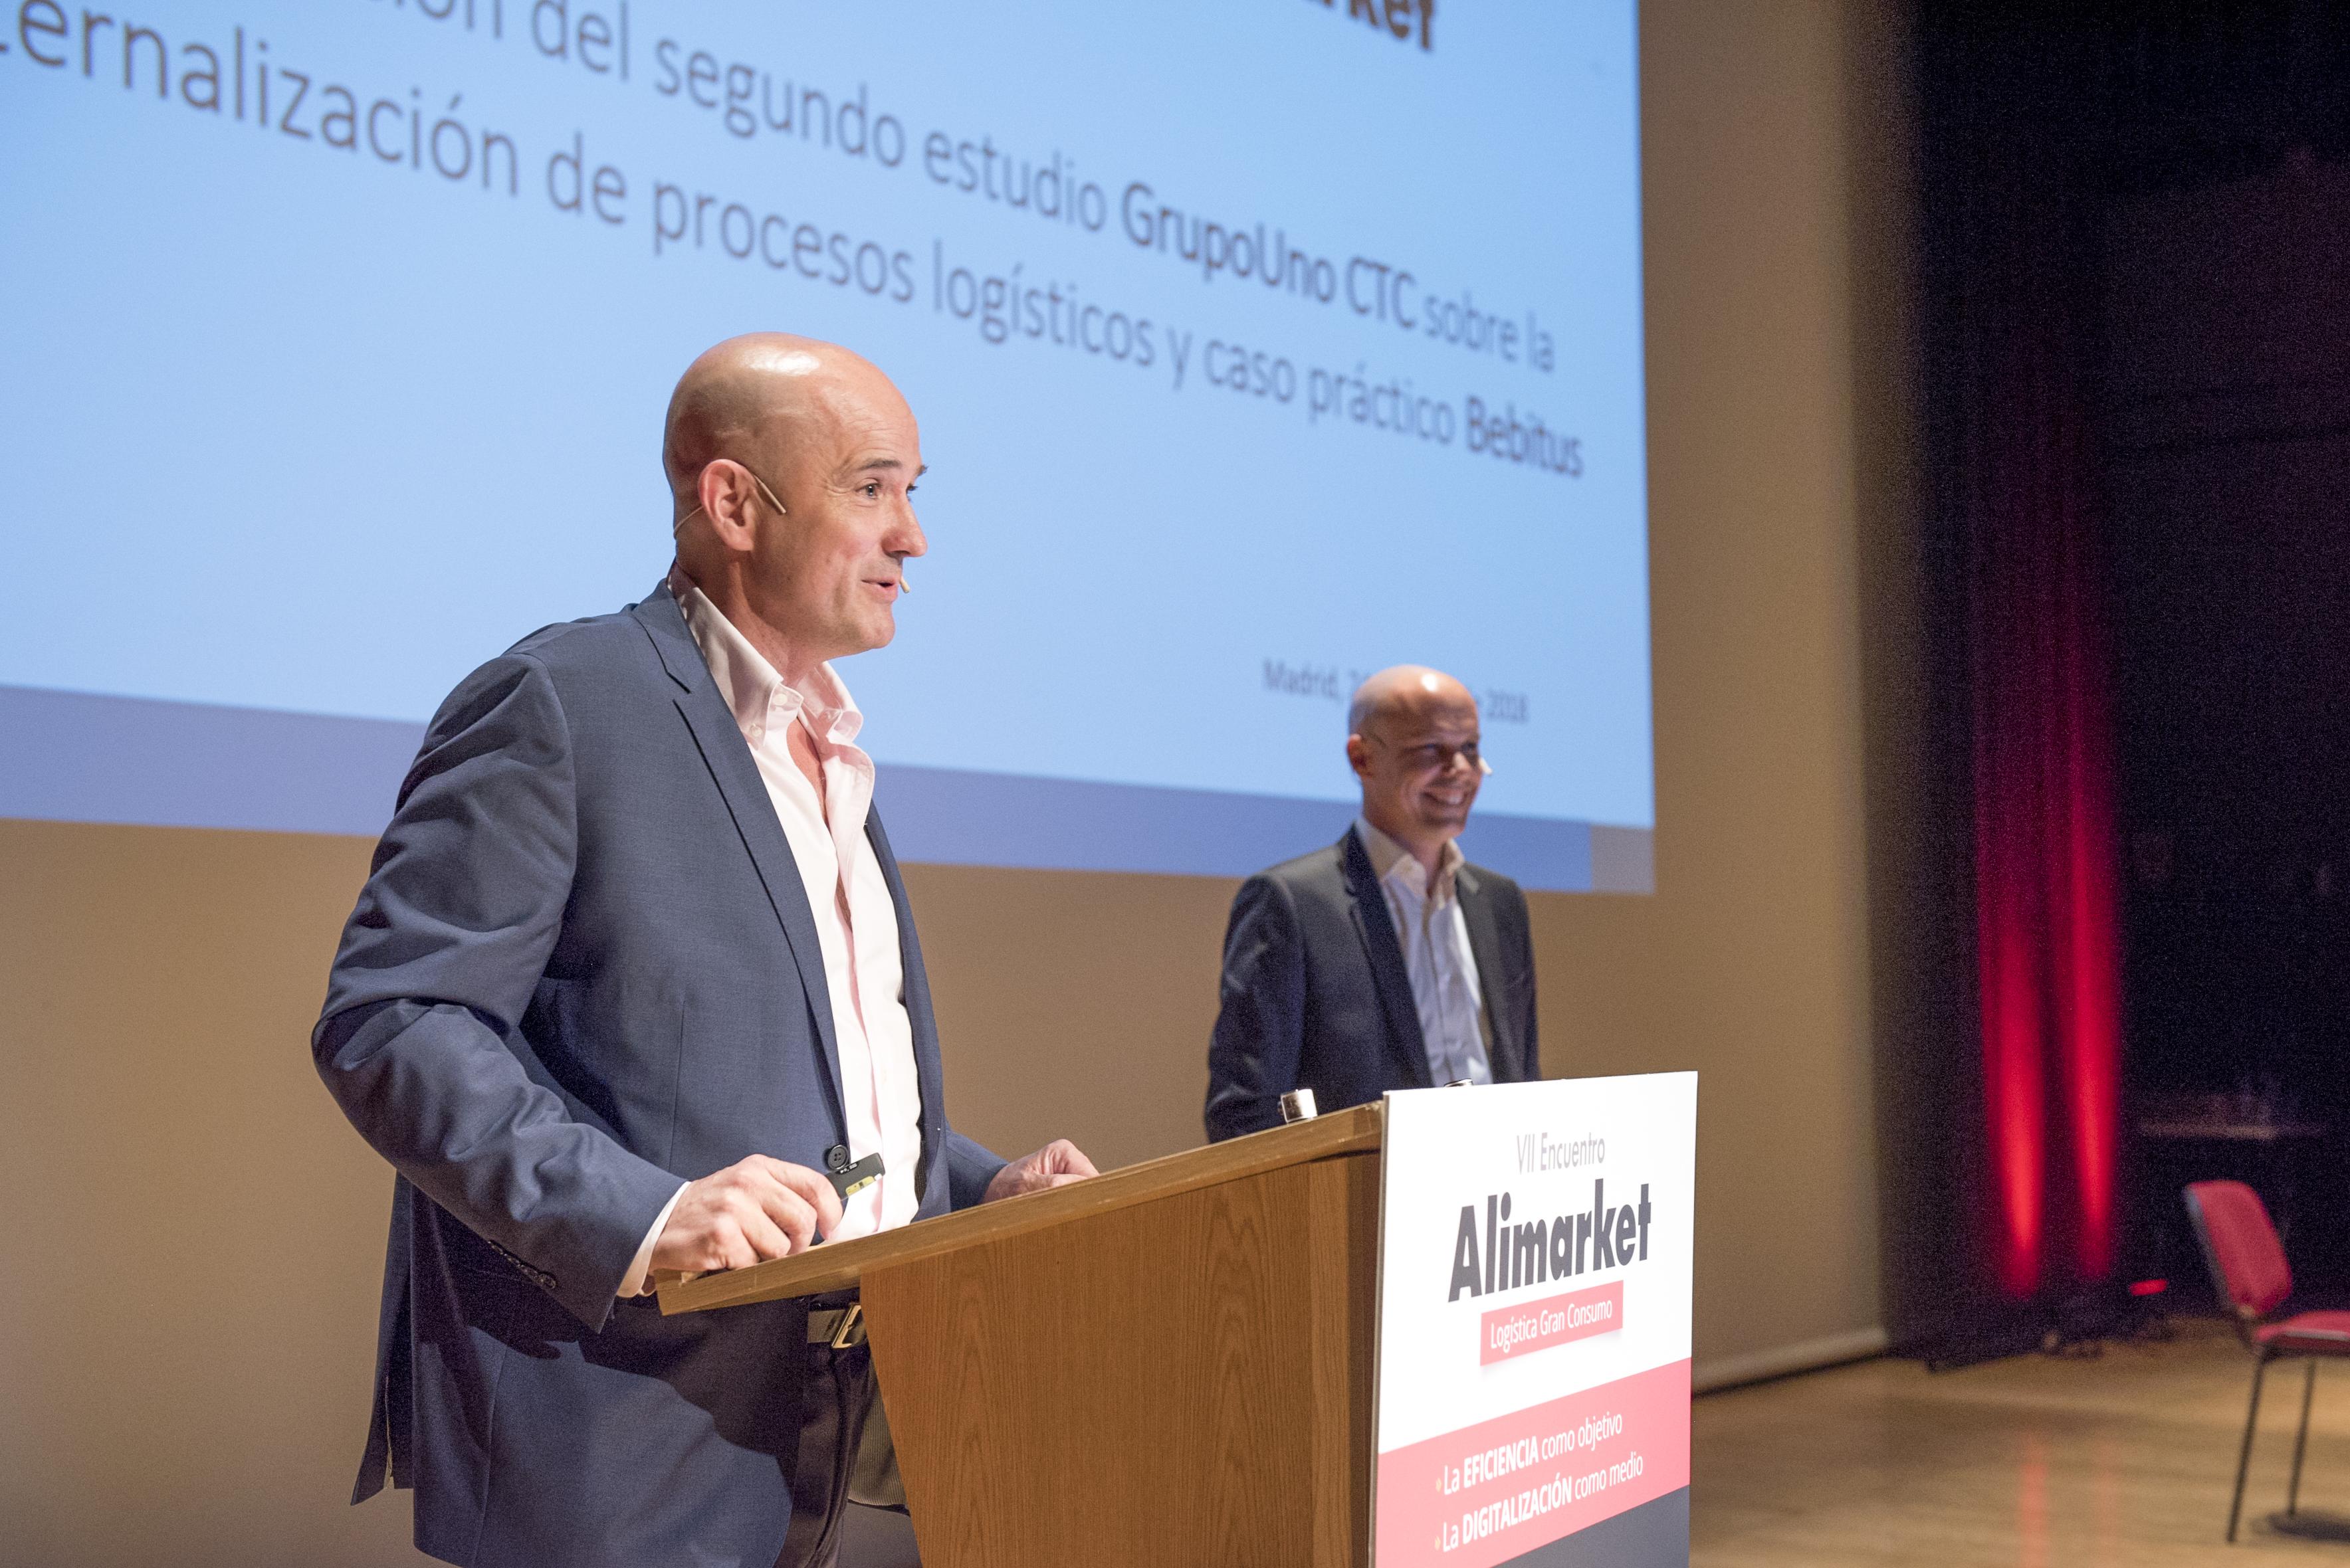 VII Encuentro Alimarket Logística Gran Consumo: Llega la nueva supply chain